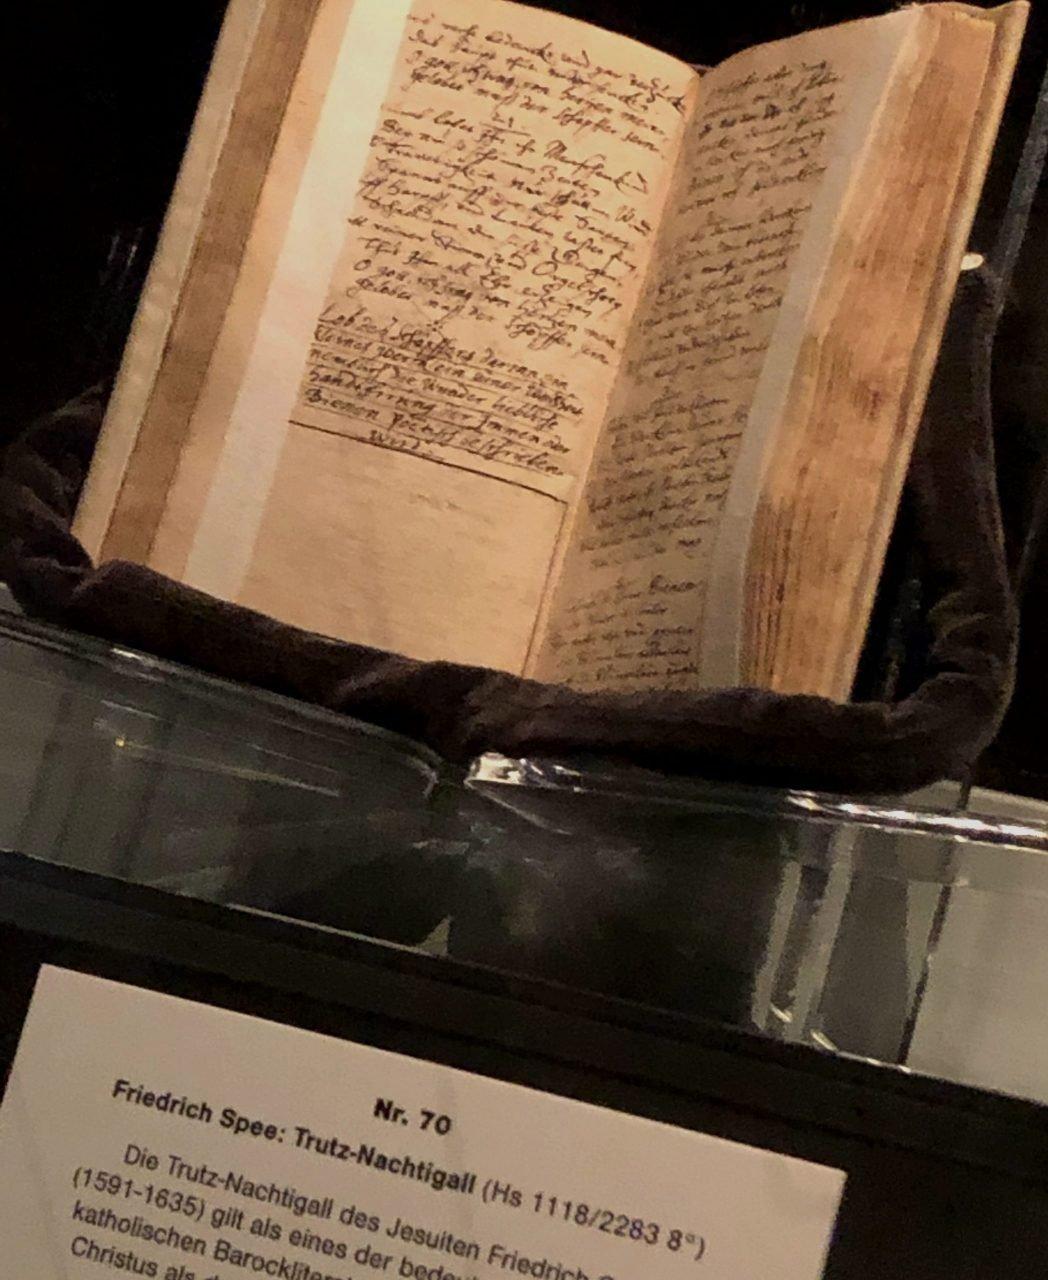 DIE TRUTZ-NACHTIGALLvon Friedrich Spee - eines der bedeutendsten Werke der Barockliteratur.